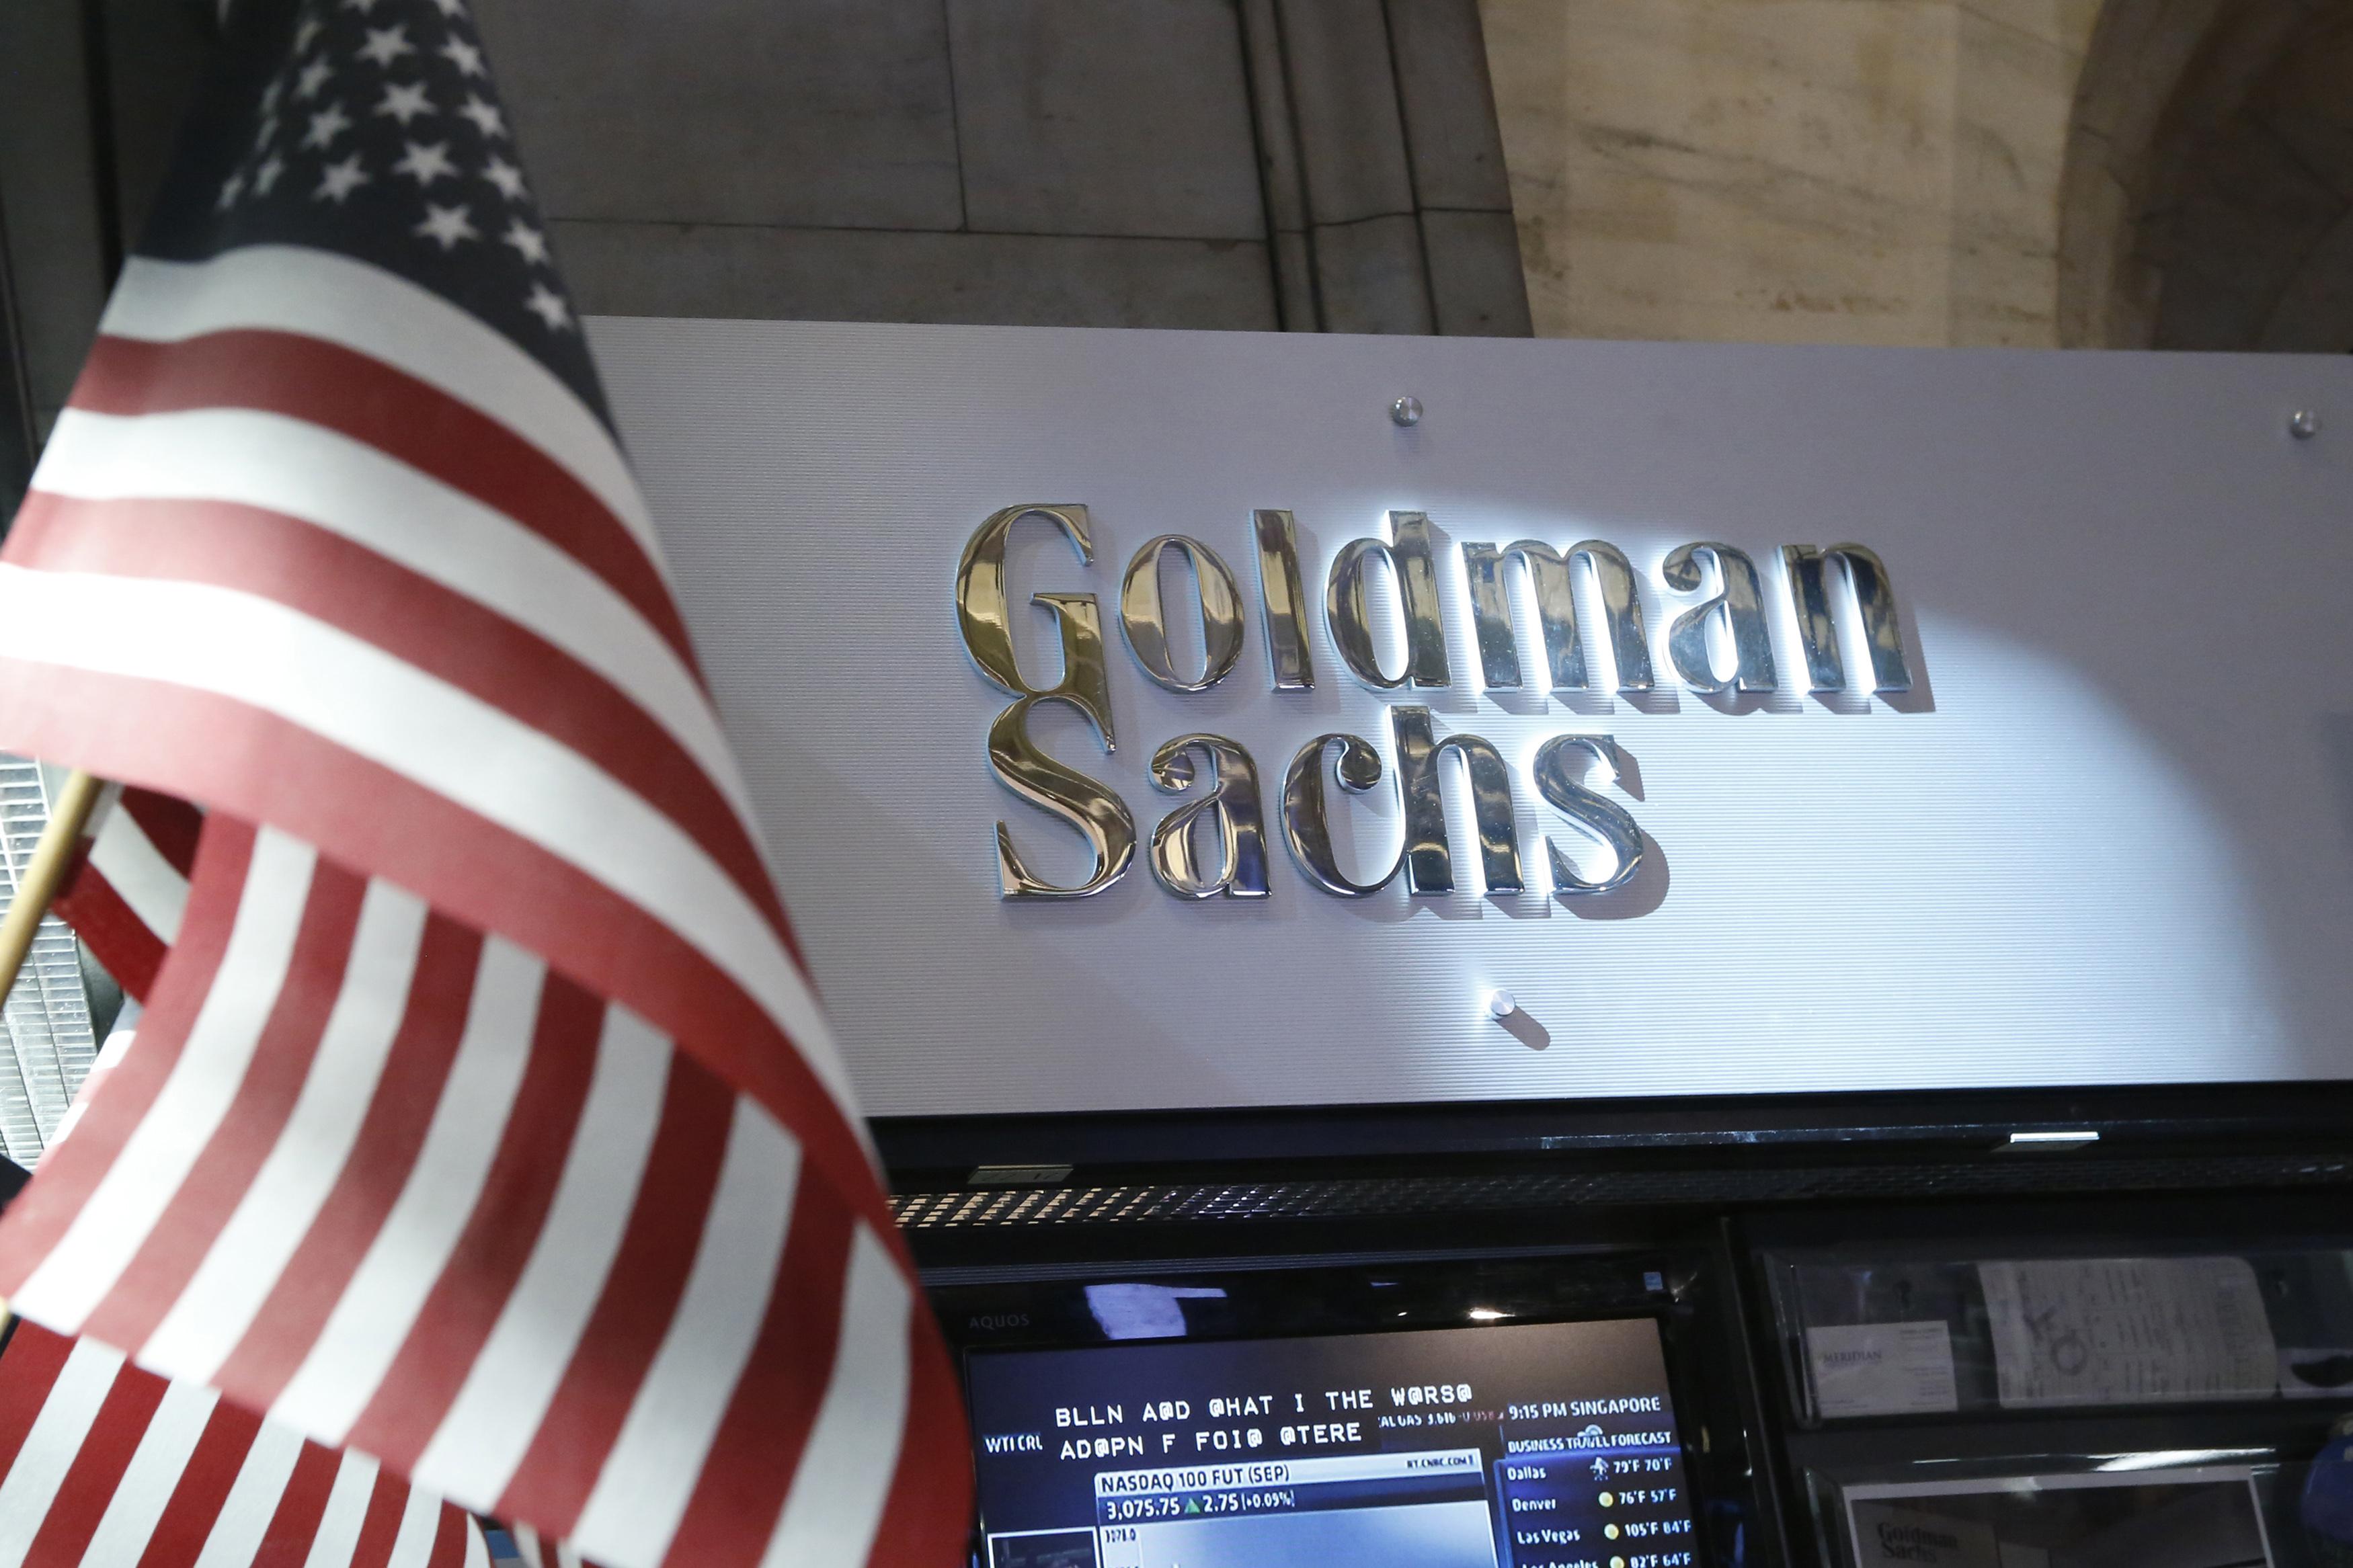 جولدمان ساكس يخفض توقعه لسعر برنت في الربع الثاني إلى 20 دولارا للبرميل